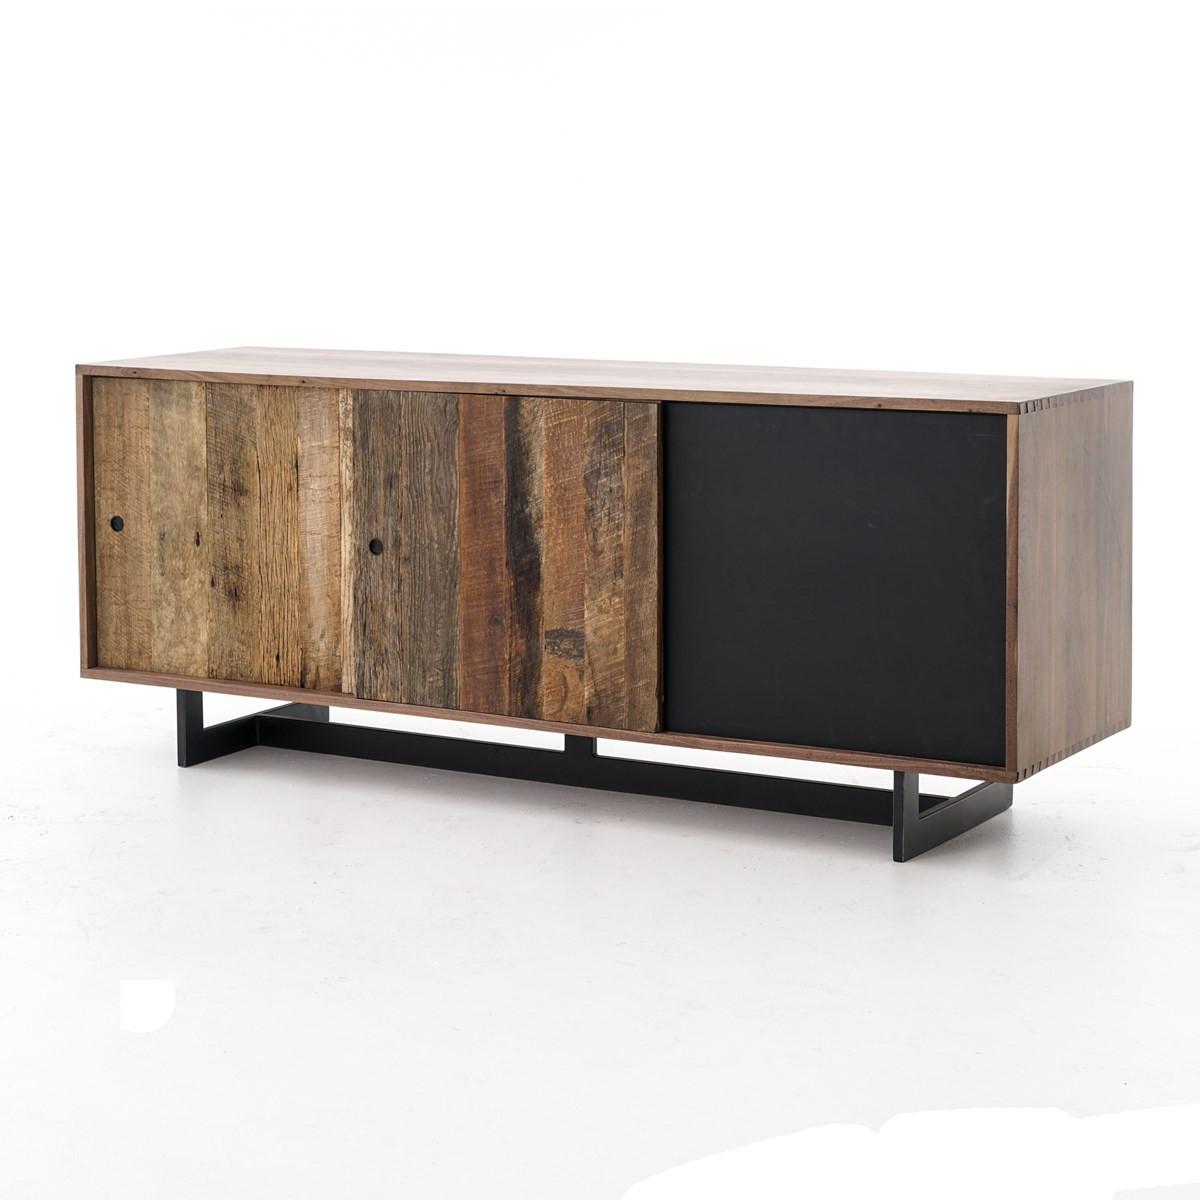 Anderson Industrial Rustic Oak Wood And Metal Media